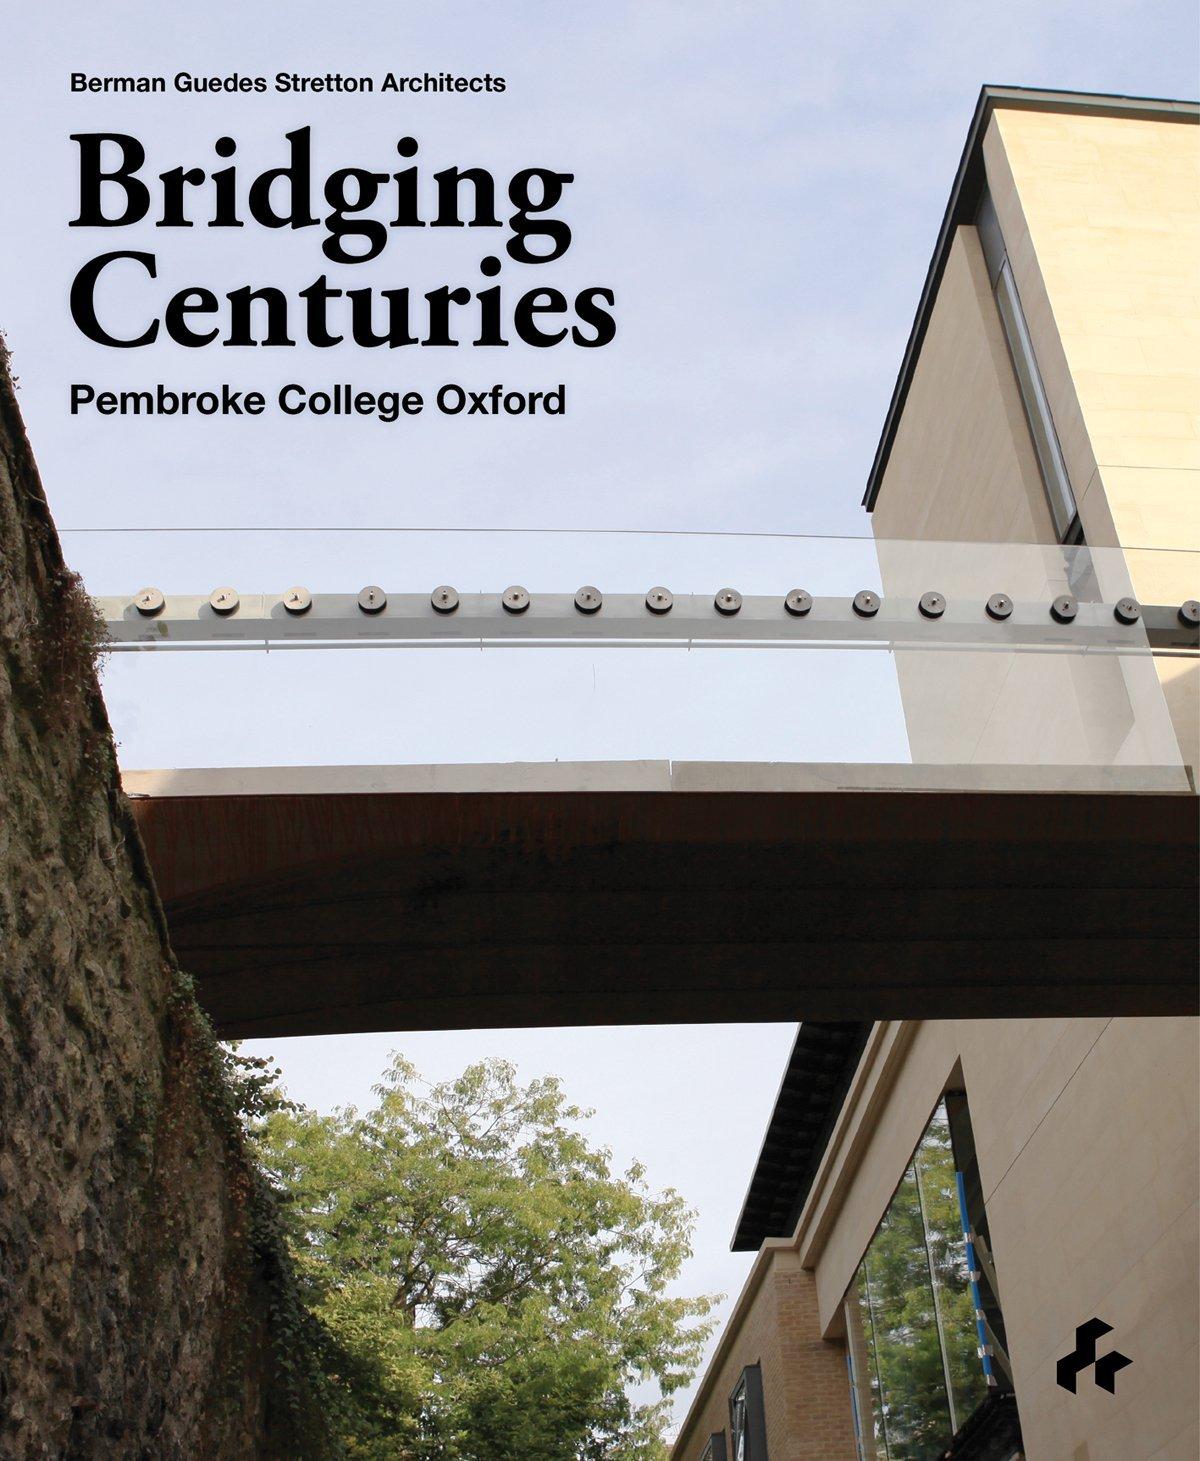 Bridging Centuries